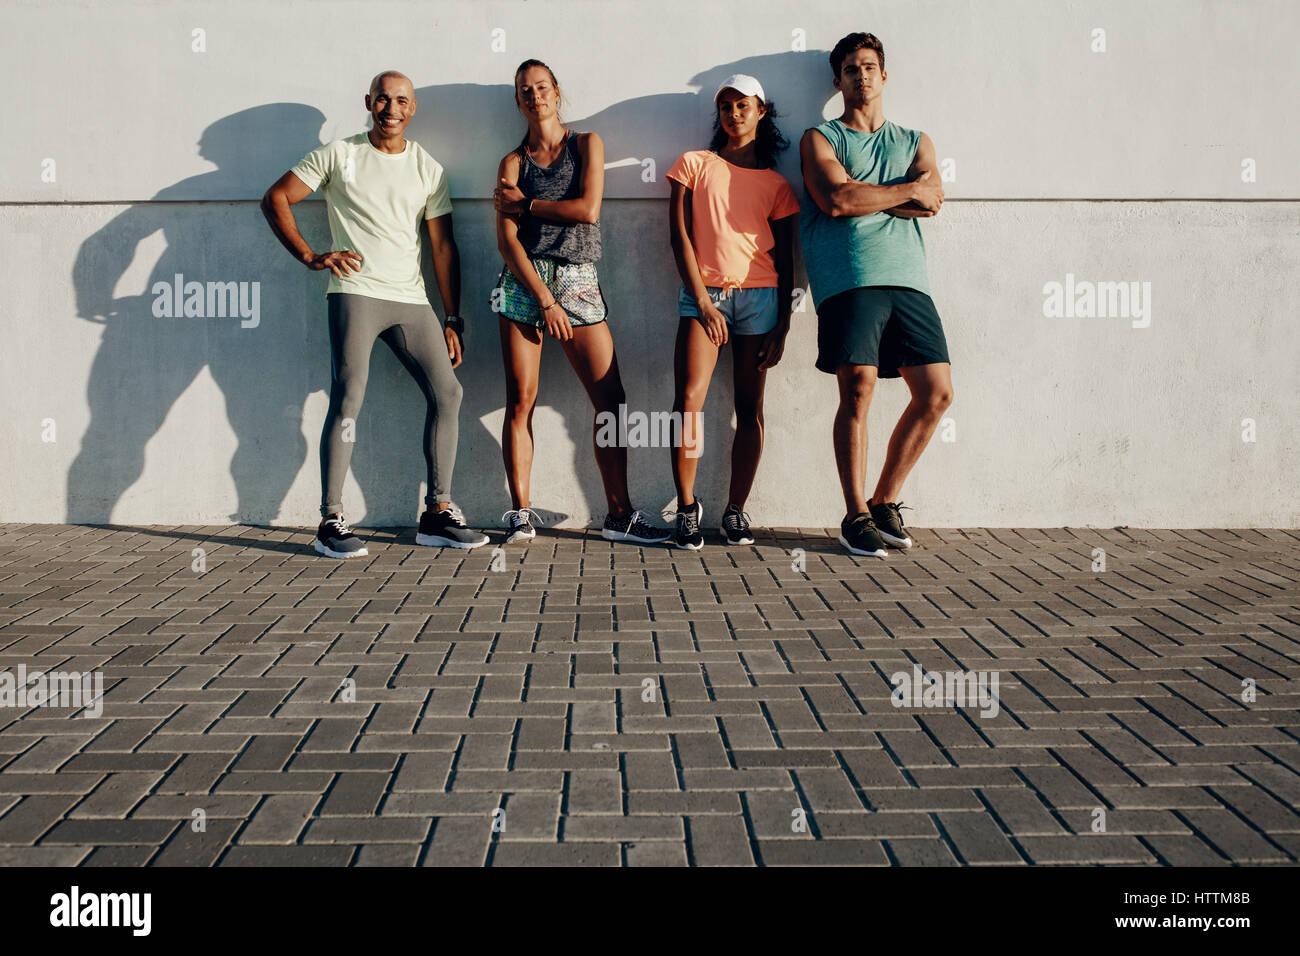 Voller Länge Schuss von jungen Freunden zusammen posieren. Gruppe von Fitness-Menschen, die von einer Mauer Stockbild